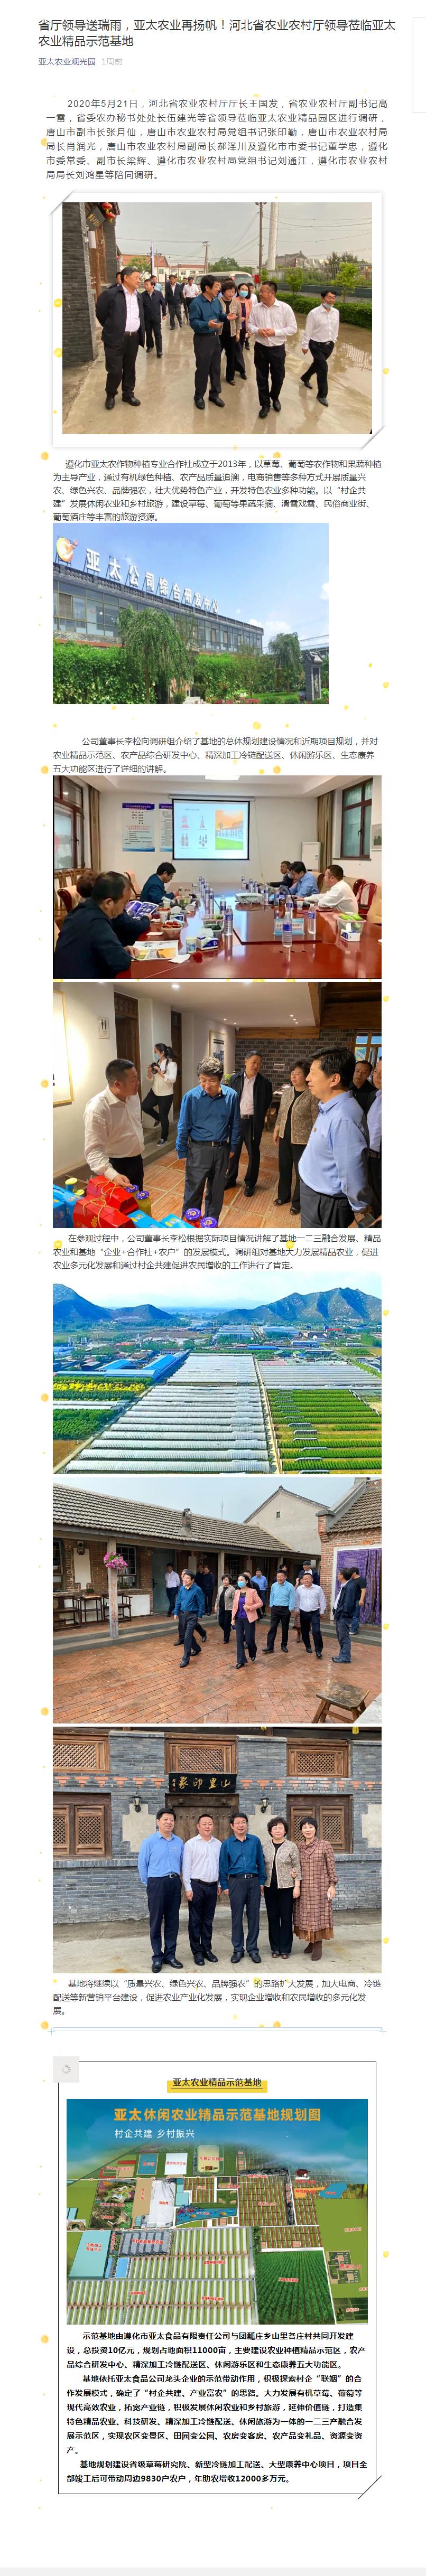 省廳領導送瑞雨,亞太農業再揚帆!河北省農業農村廳領導蒞臨亞太農業精品示范基地